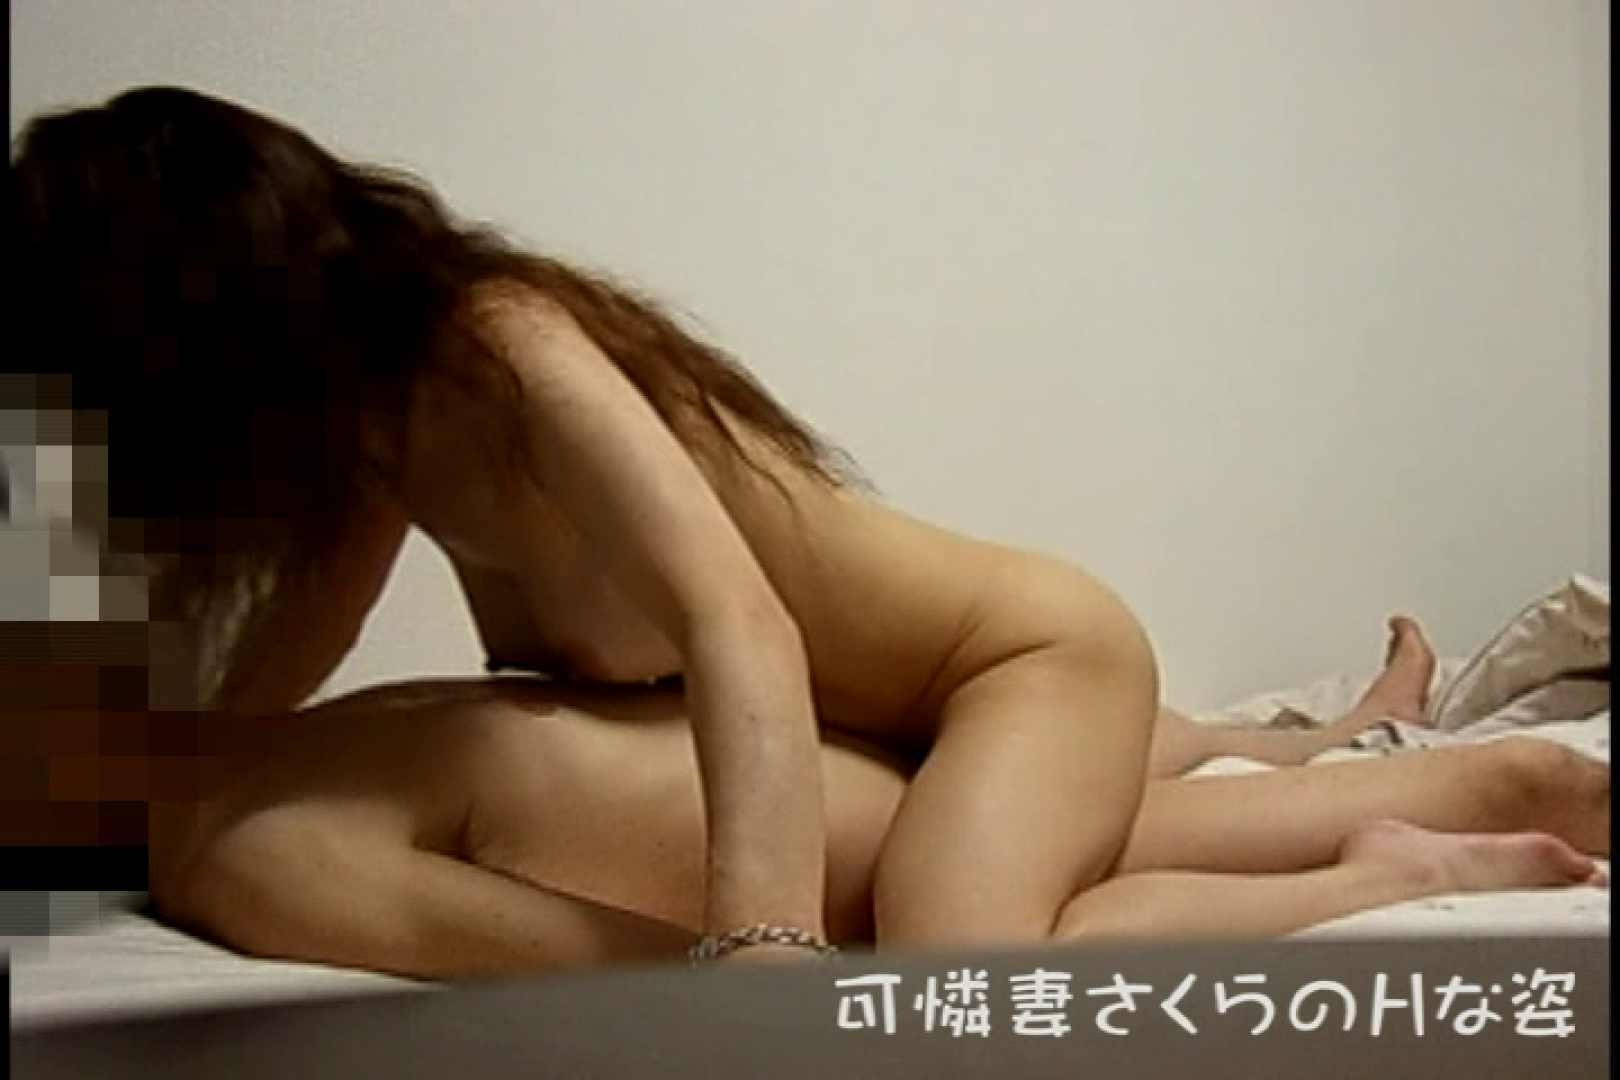 可憐妻さくらのHな姿vol.3 ギャル達のセックス | OL裸体  65画像 56